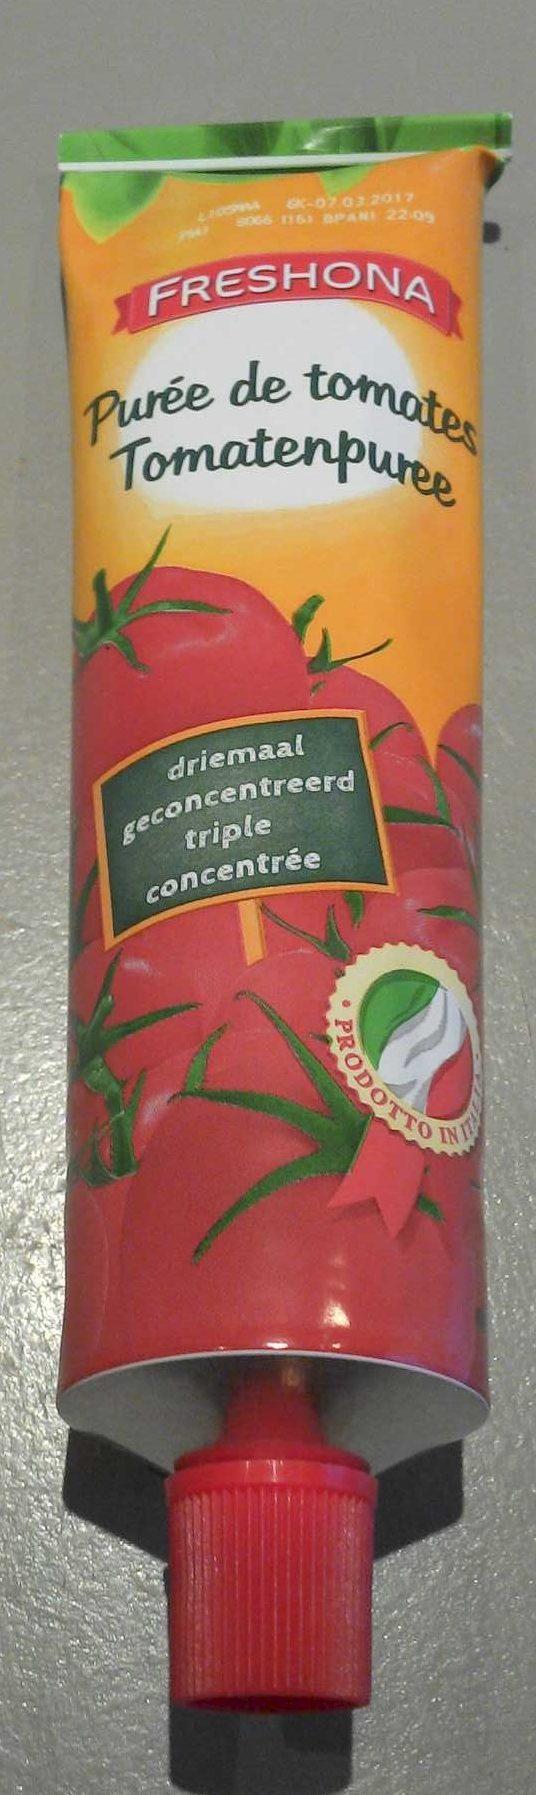 Purée de tomates - Prodotto - fr